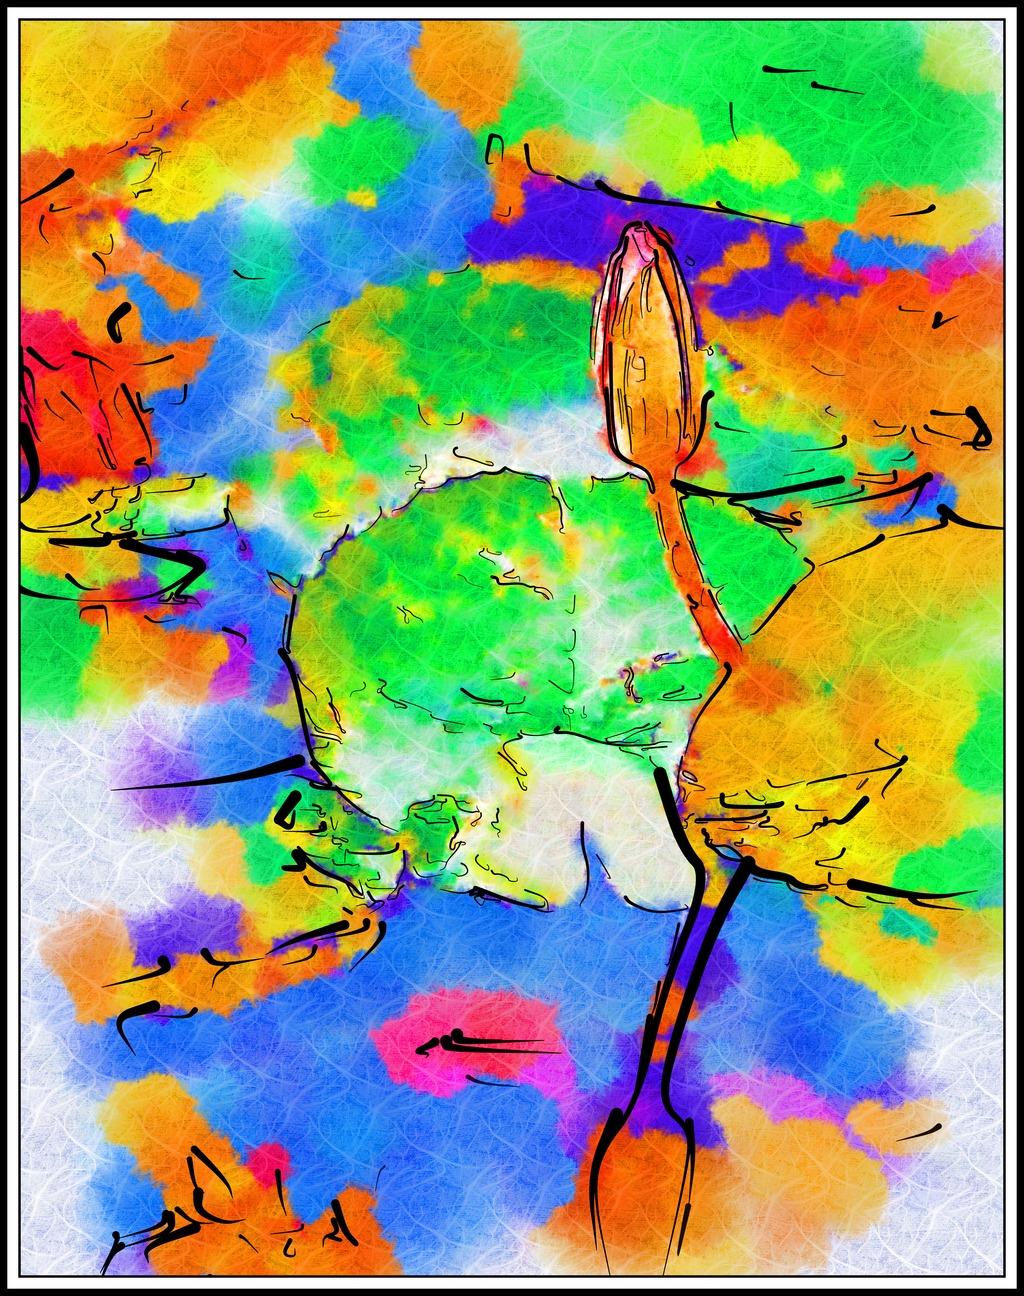 美术绘画 水彩抽象画